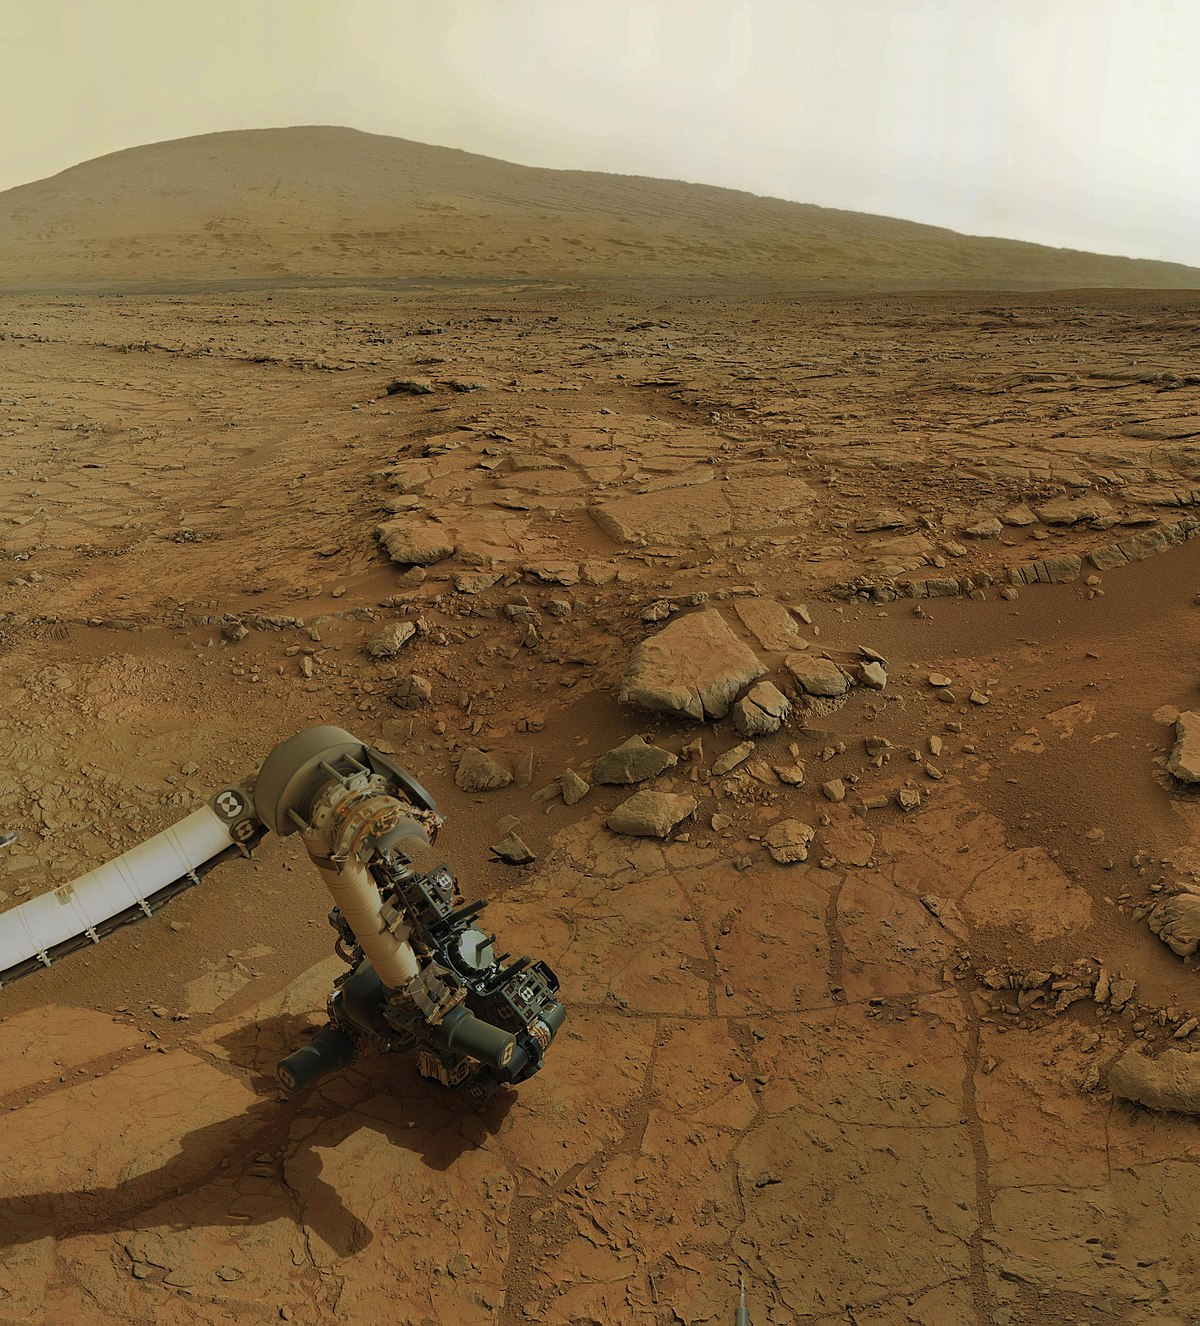 Life on Mars: Exploration & Evidence